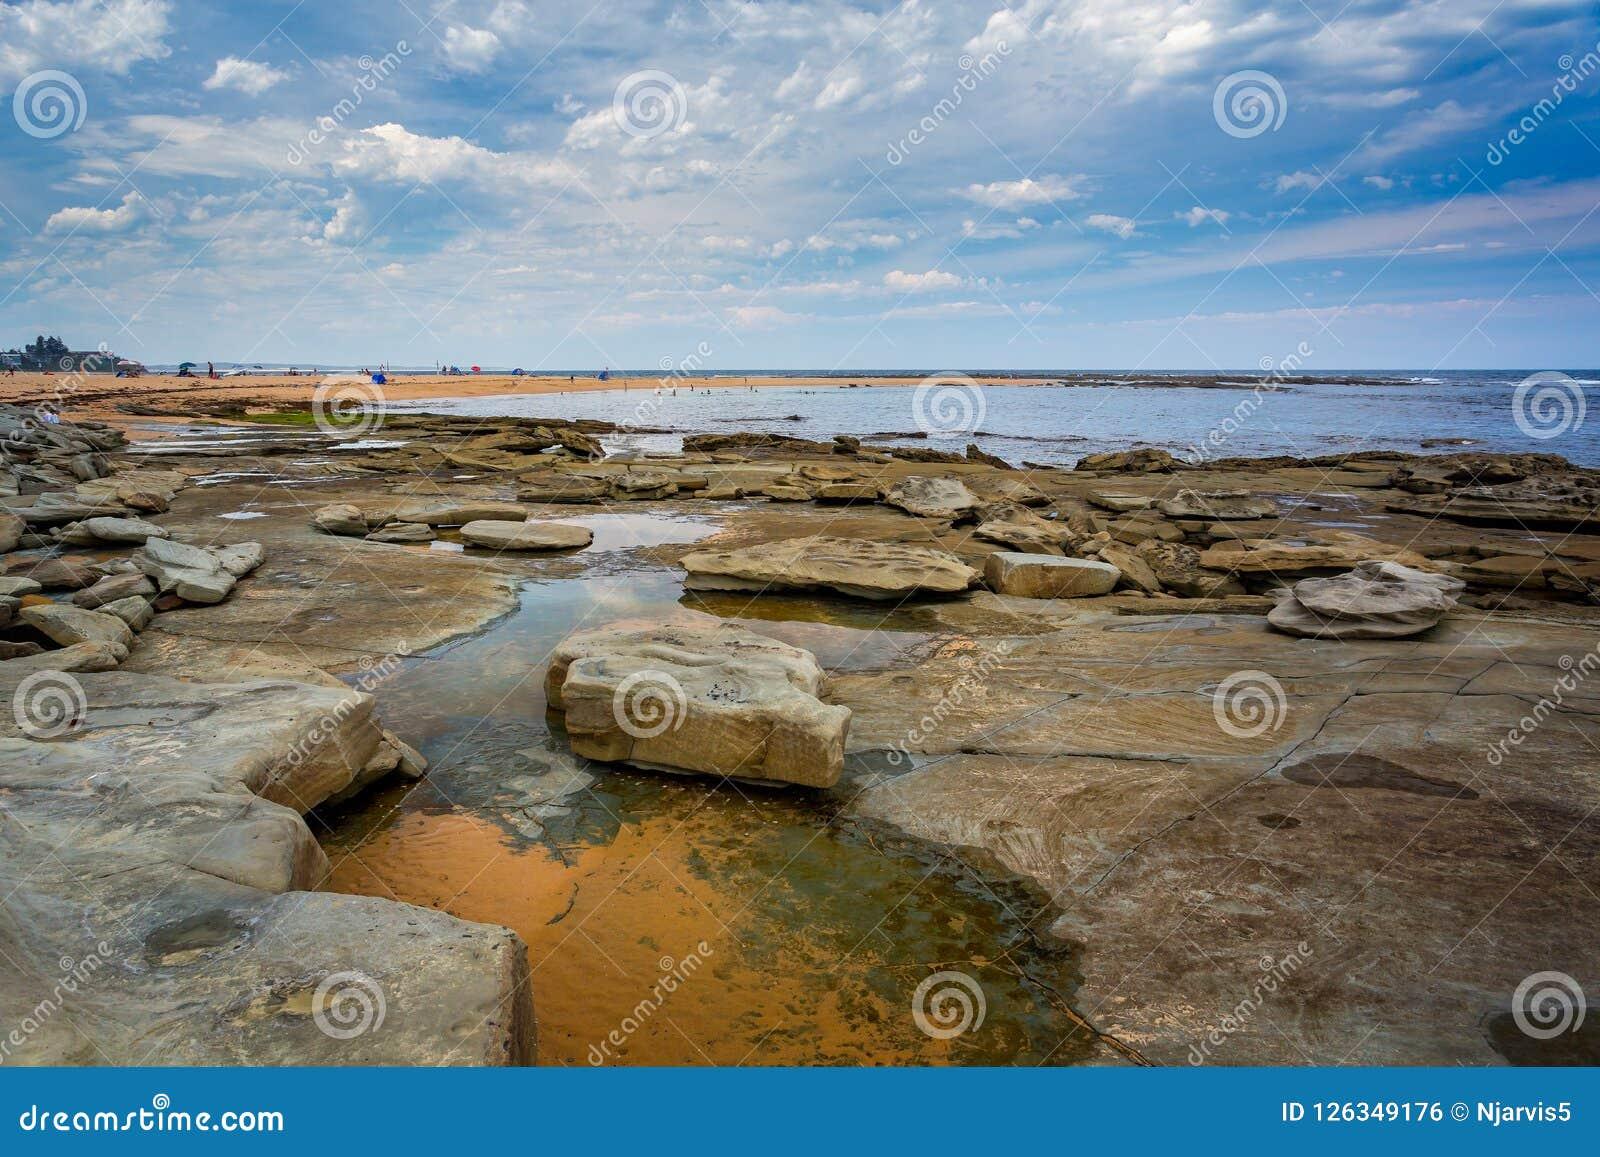 Rock Pools At Toowoon Bay Beach Near Sydney Stock Photo